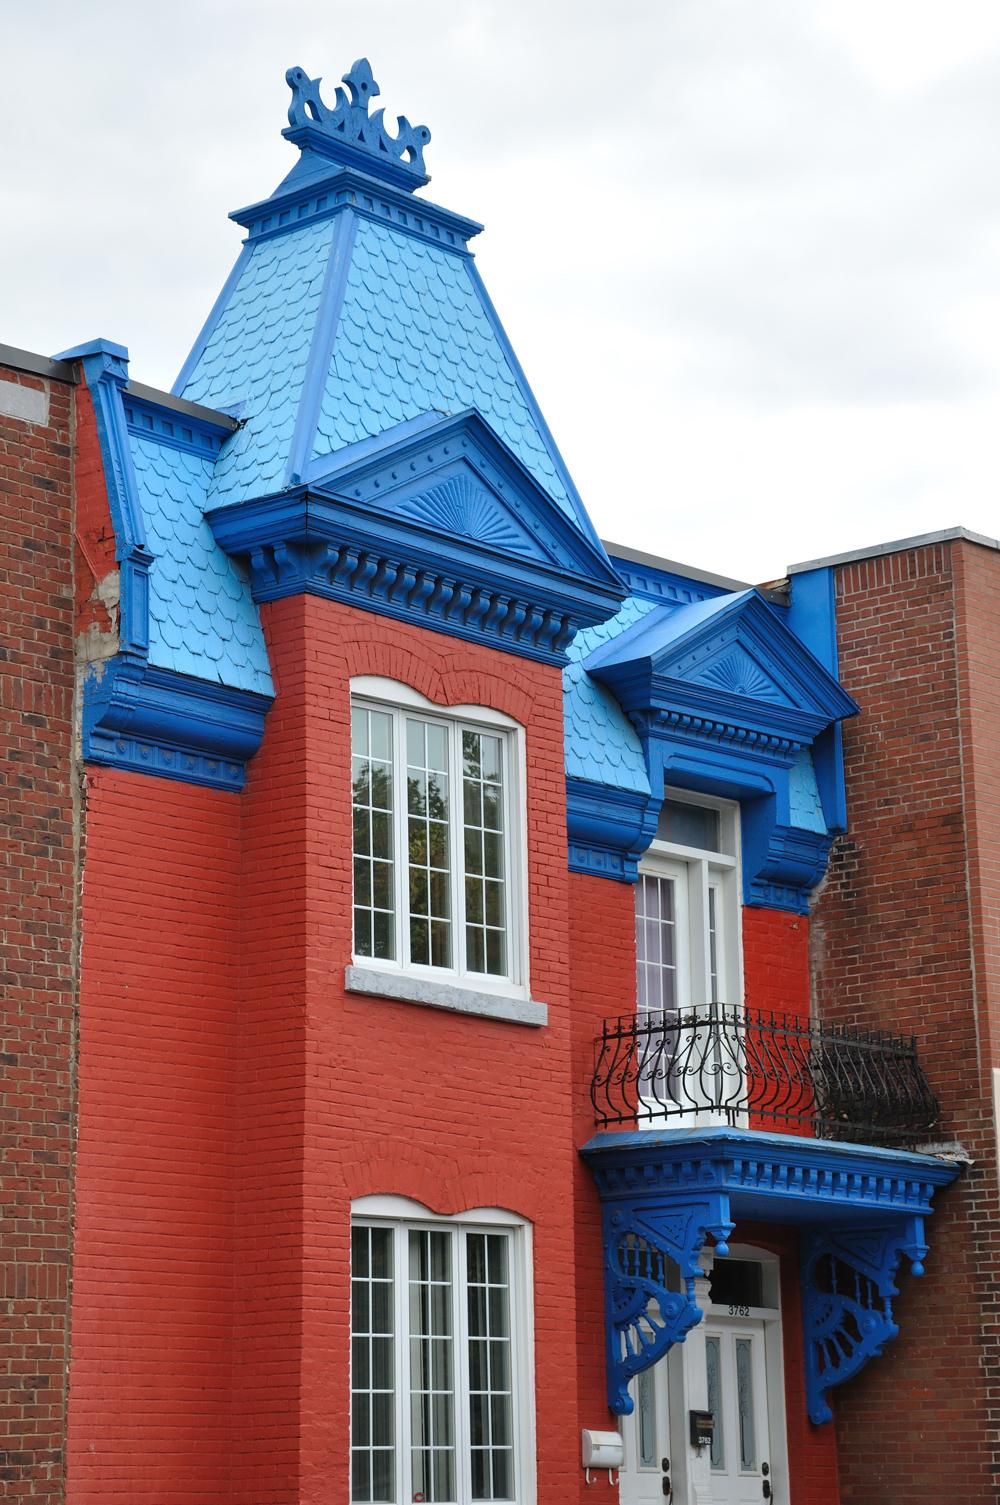 L 39 ardoise magique rue drolet a montreal - Passage bleu laval ...